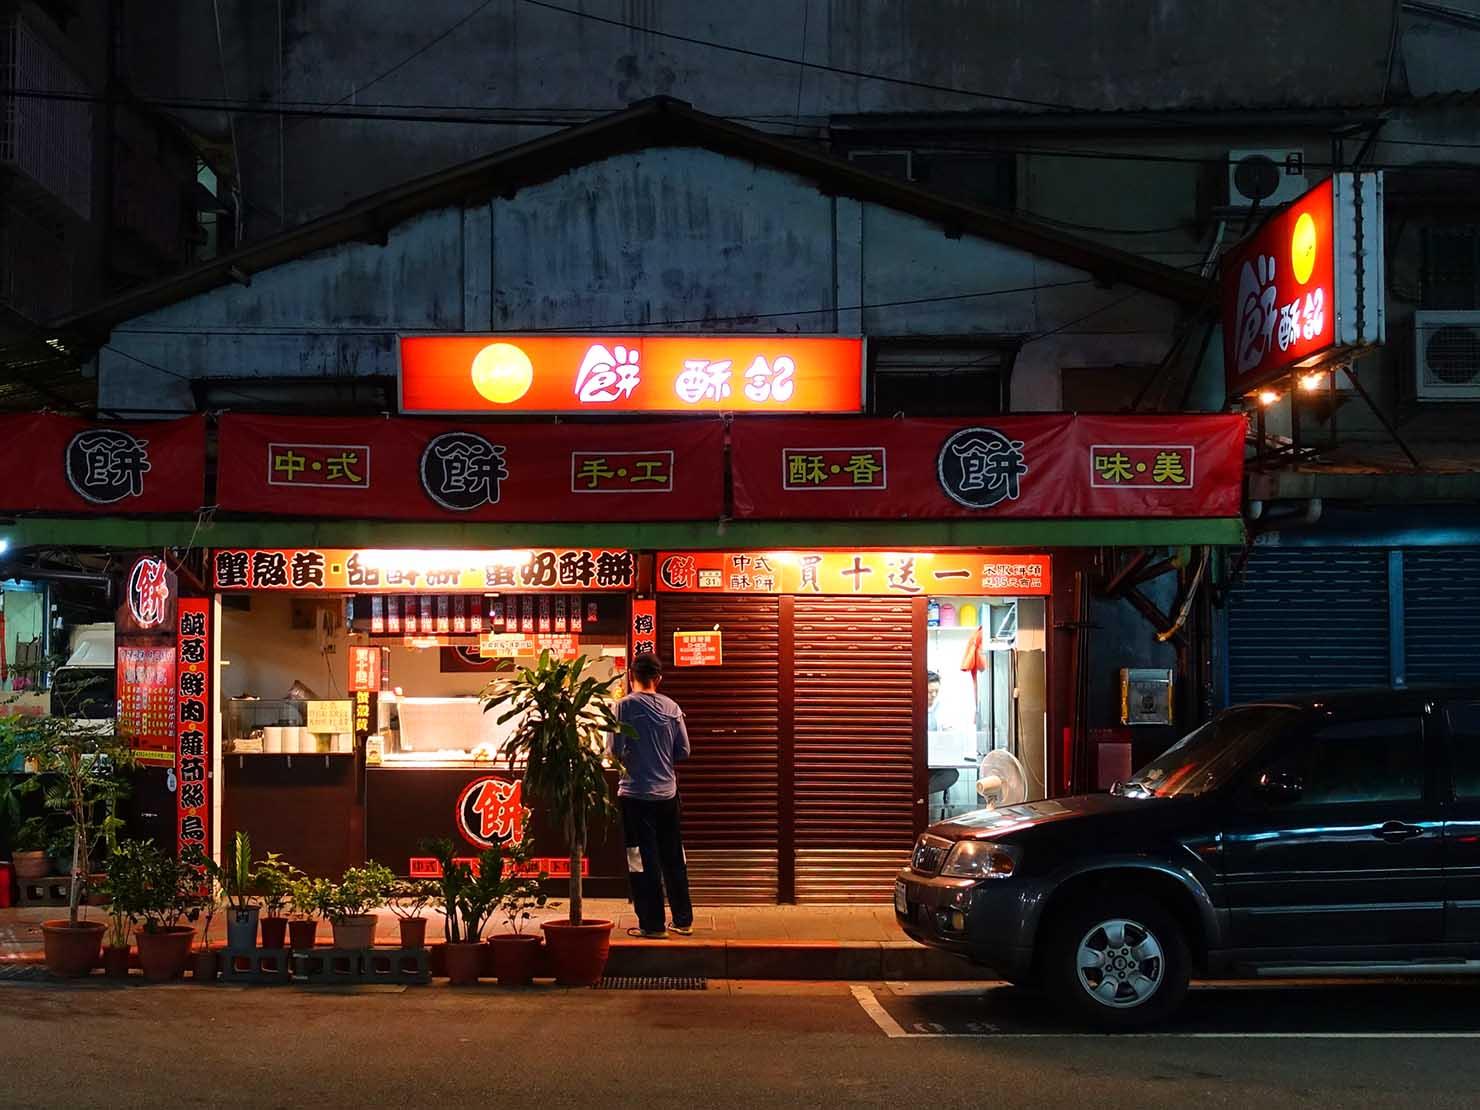 台北・民權西路&中山國中駅周辺(晴光市場)のおすすめグルメ店「餅酥記」の外観